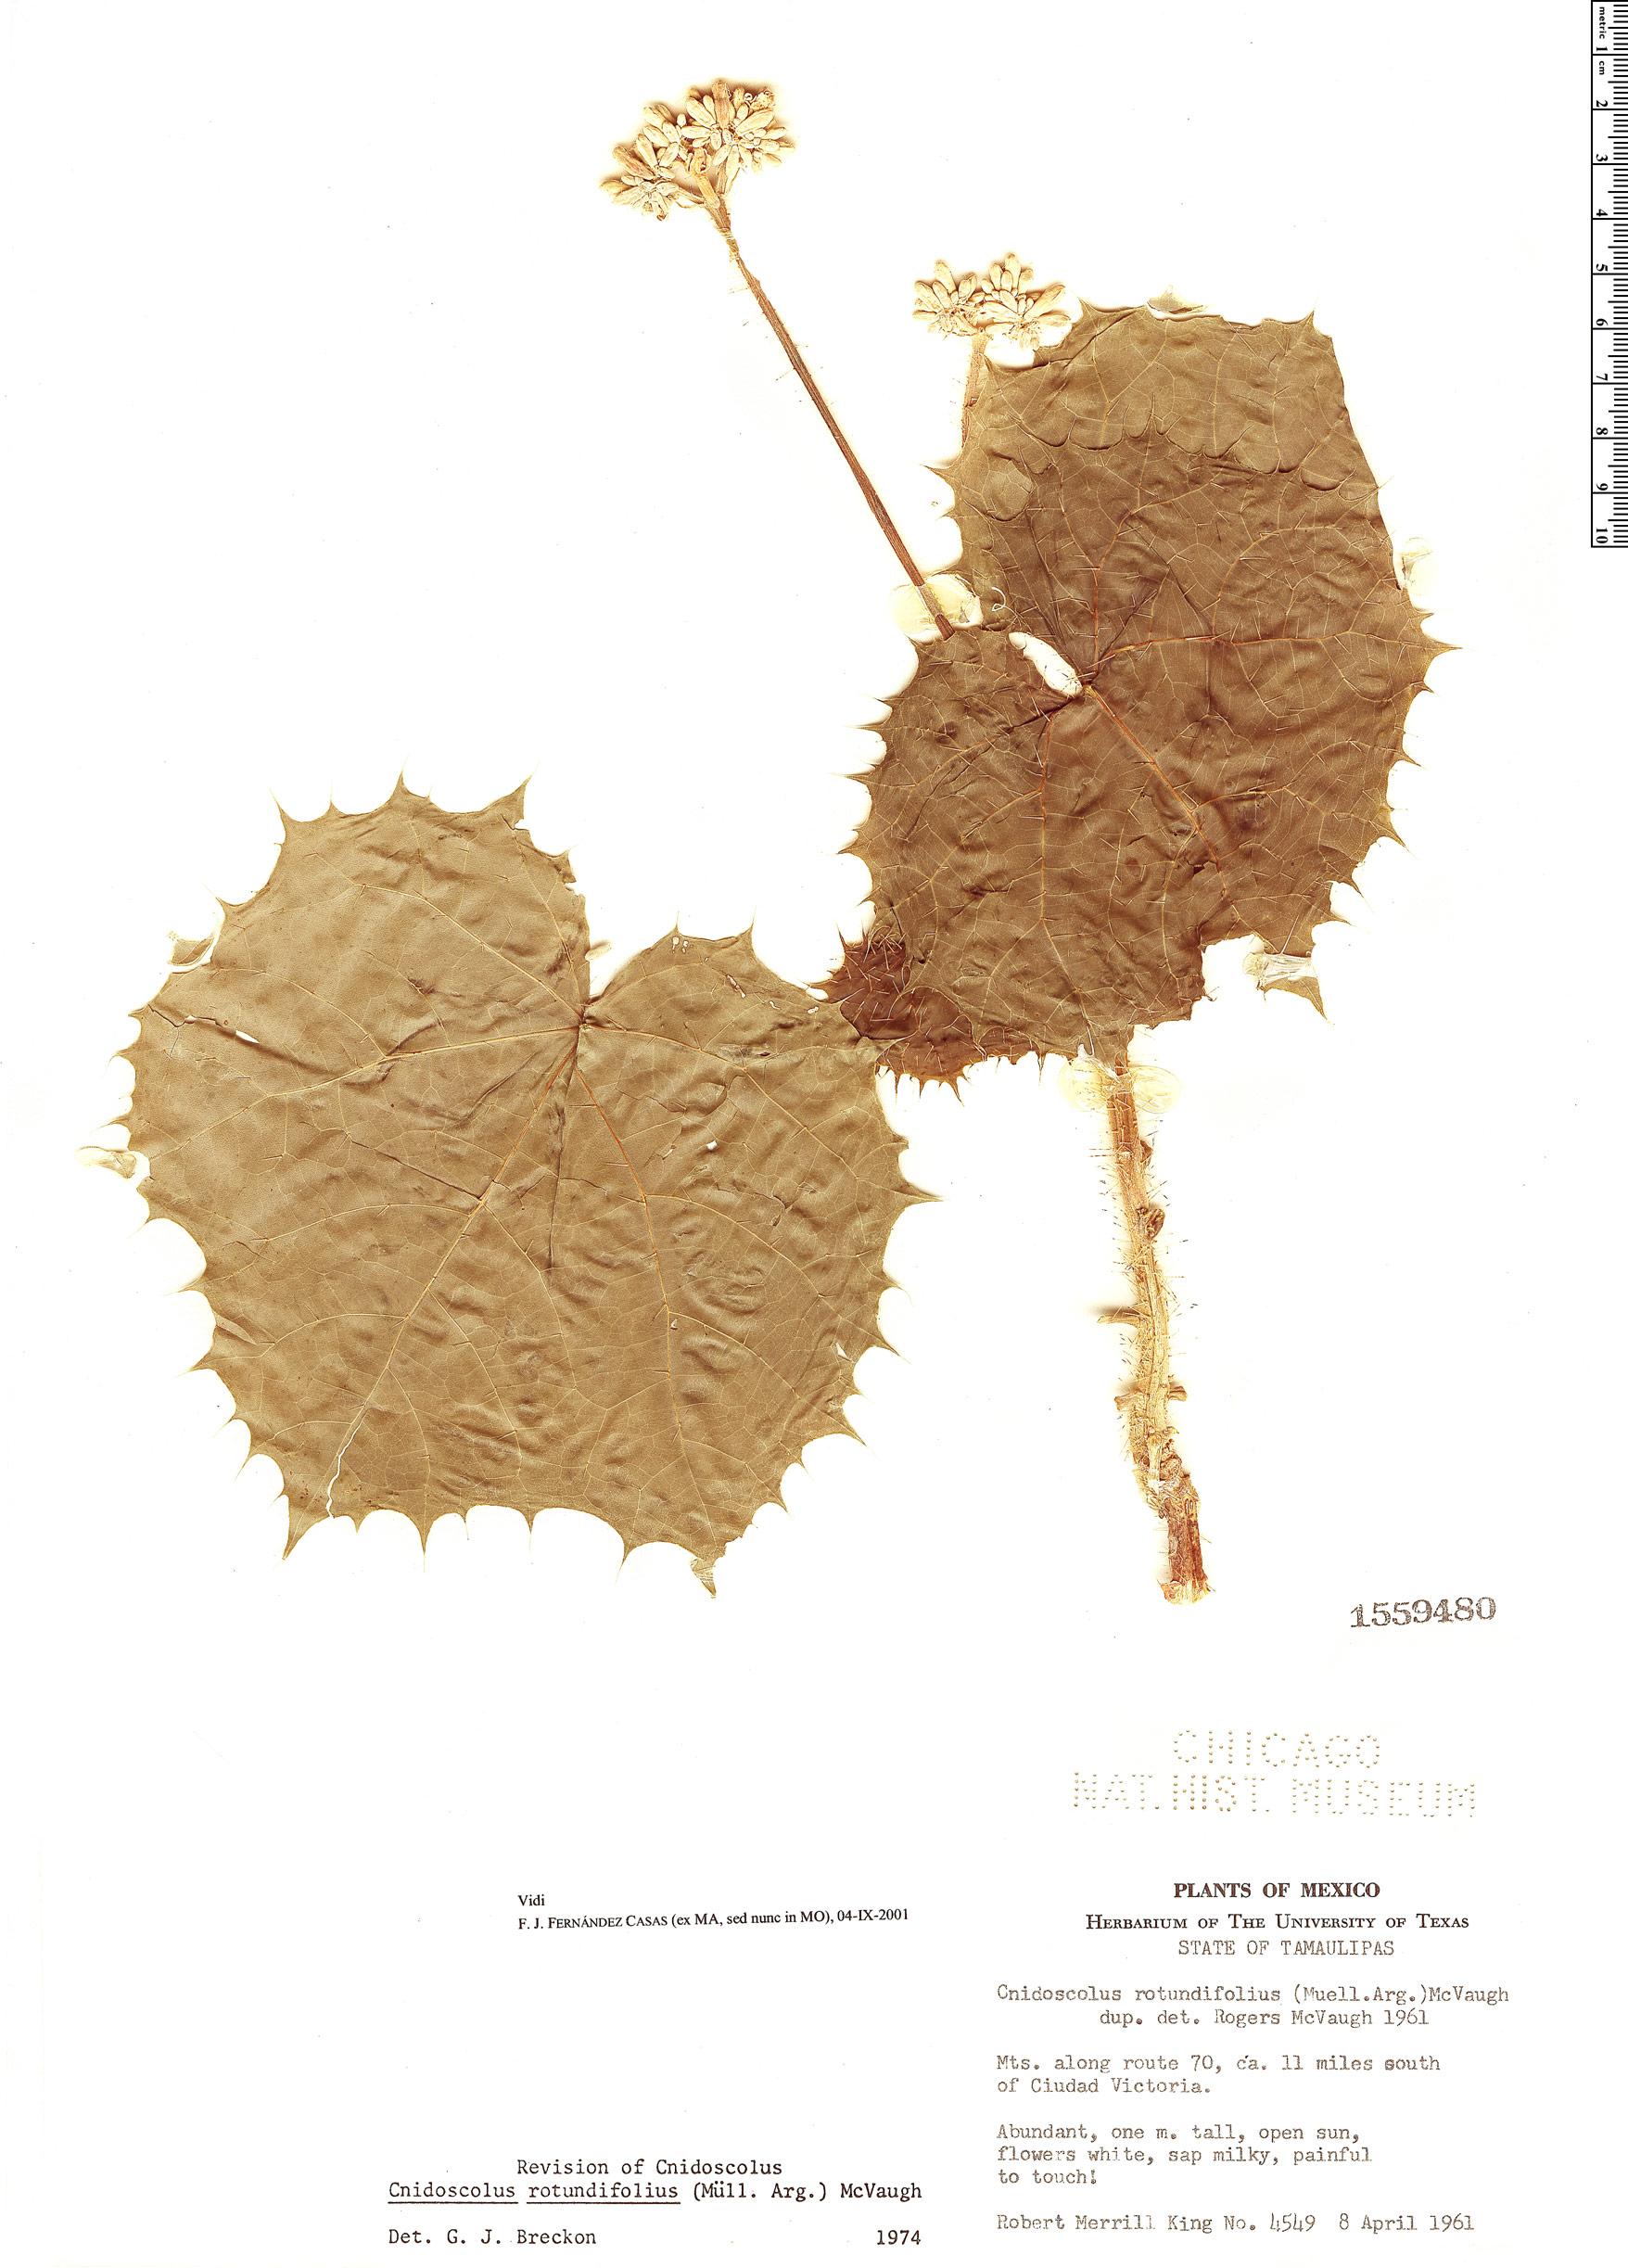 Specimen: Cnidoscolus rotundifolius